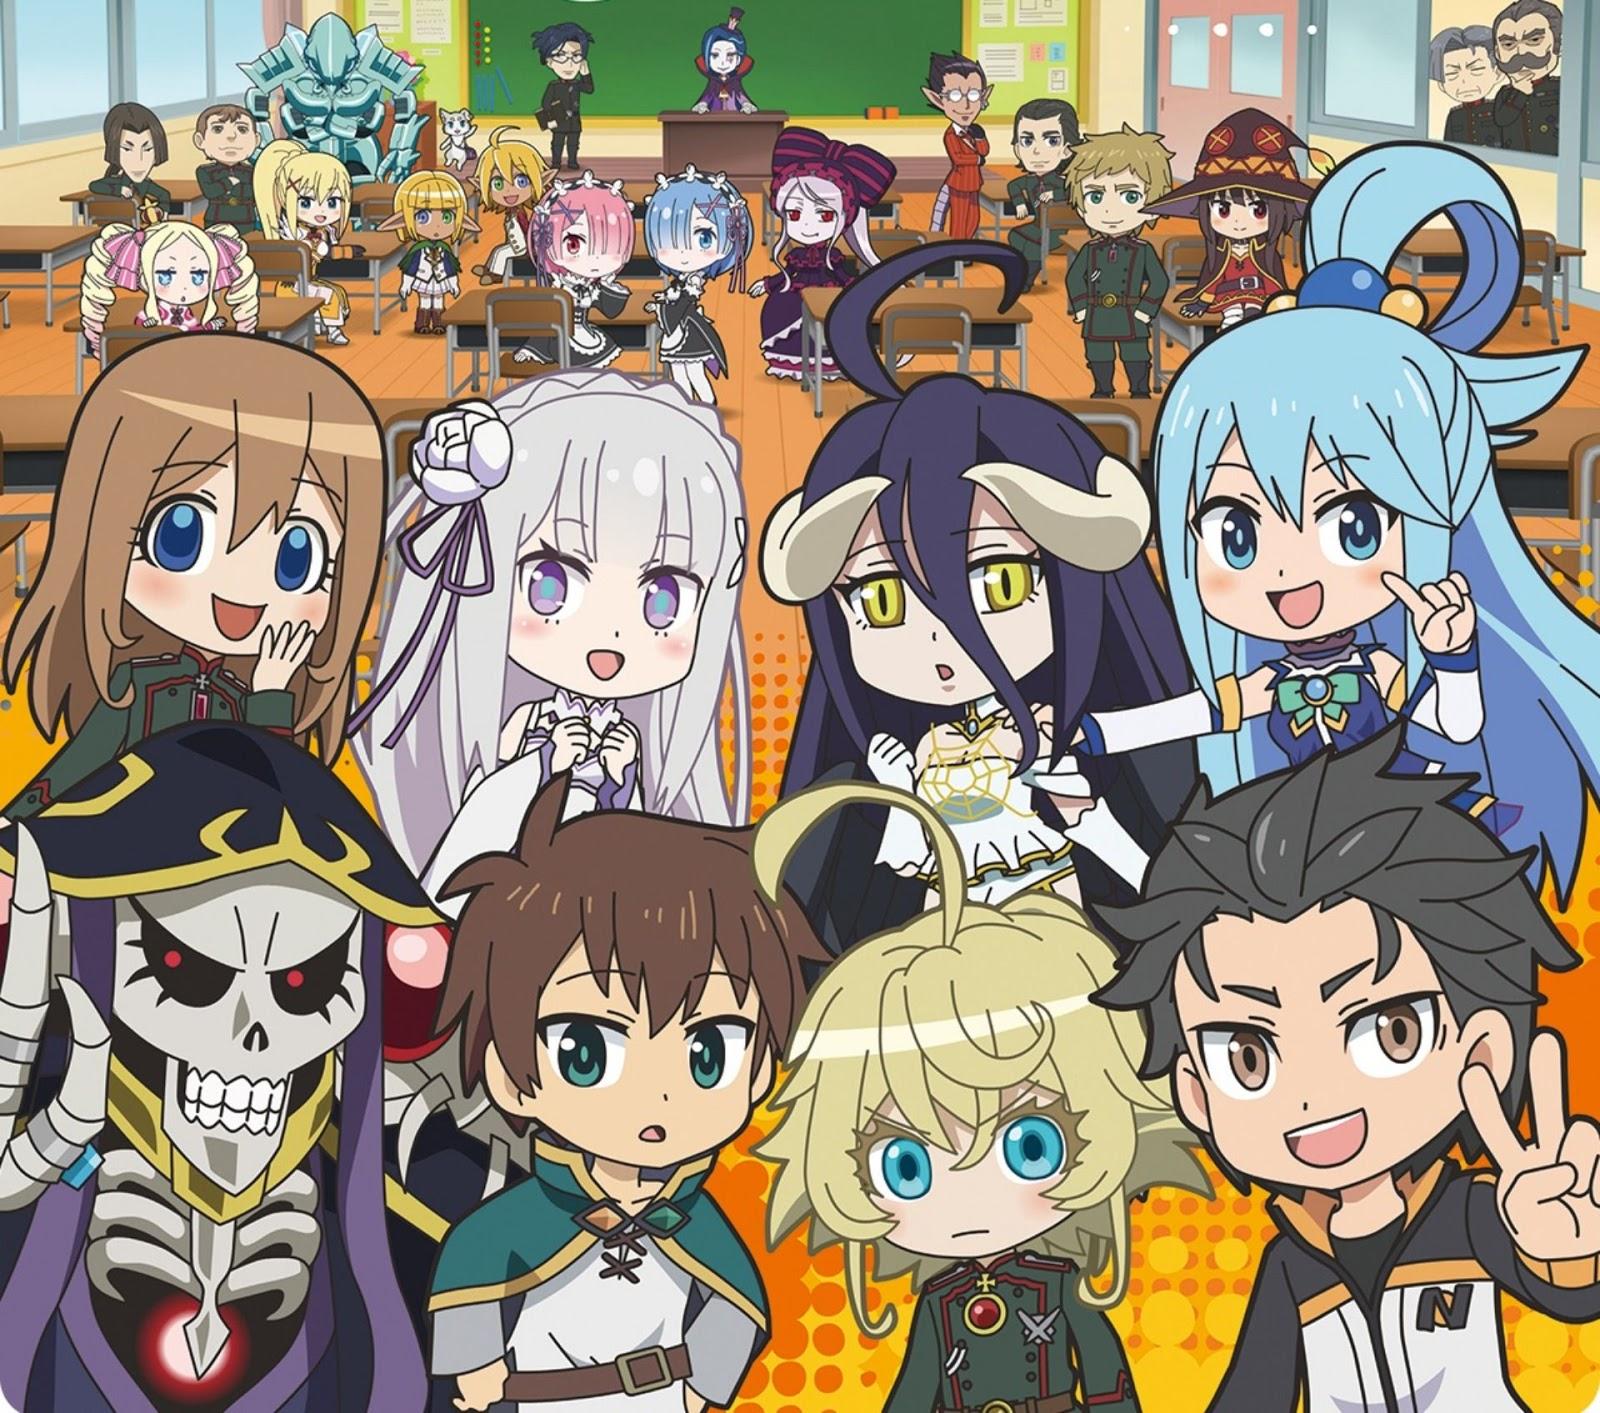 Xem Anime Thức tỉnh ở thế giới khác Phần 2 -Isekai Quartet SS2 -  VietSub